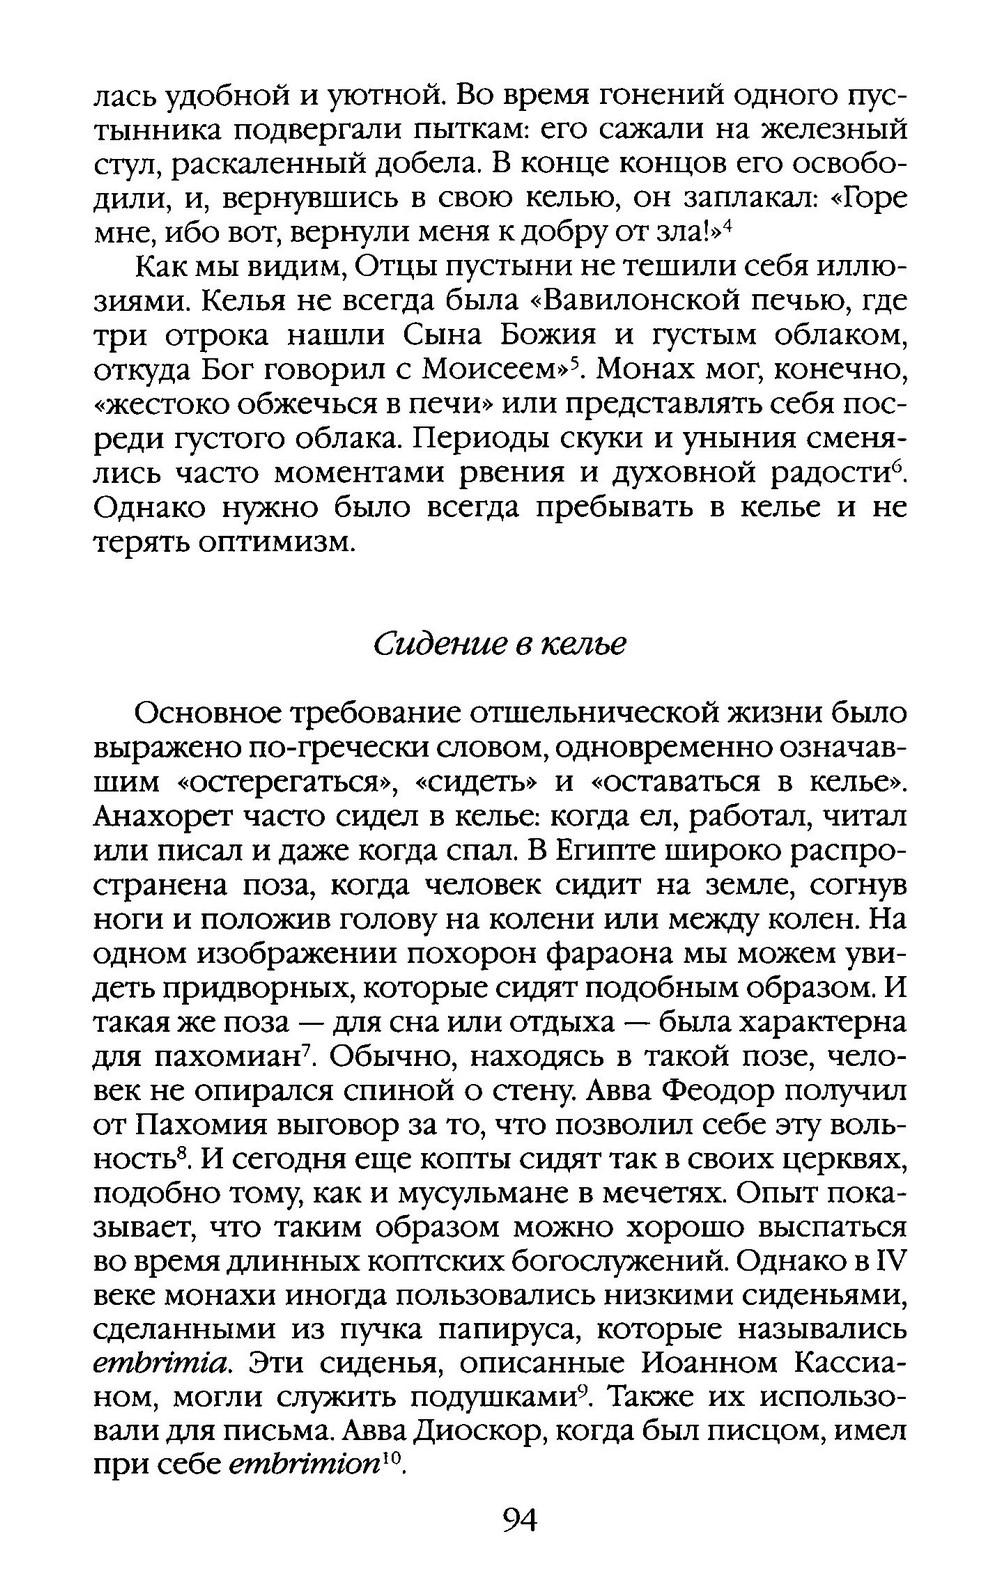 http://images.vfl.ru/ii/1363957566/de56b632/1992296.jpg